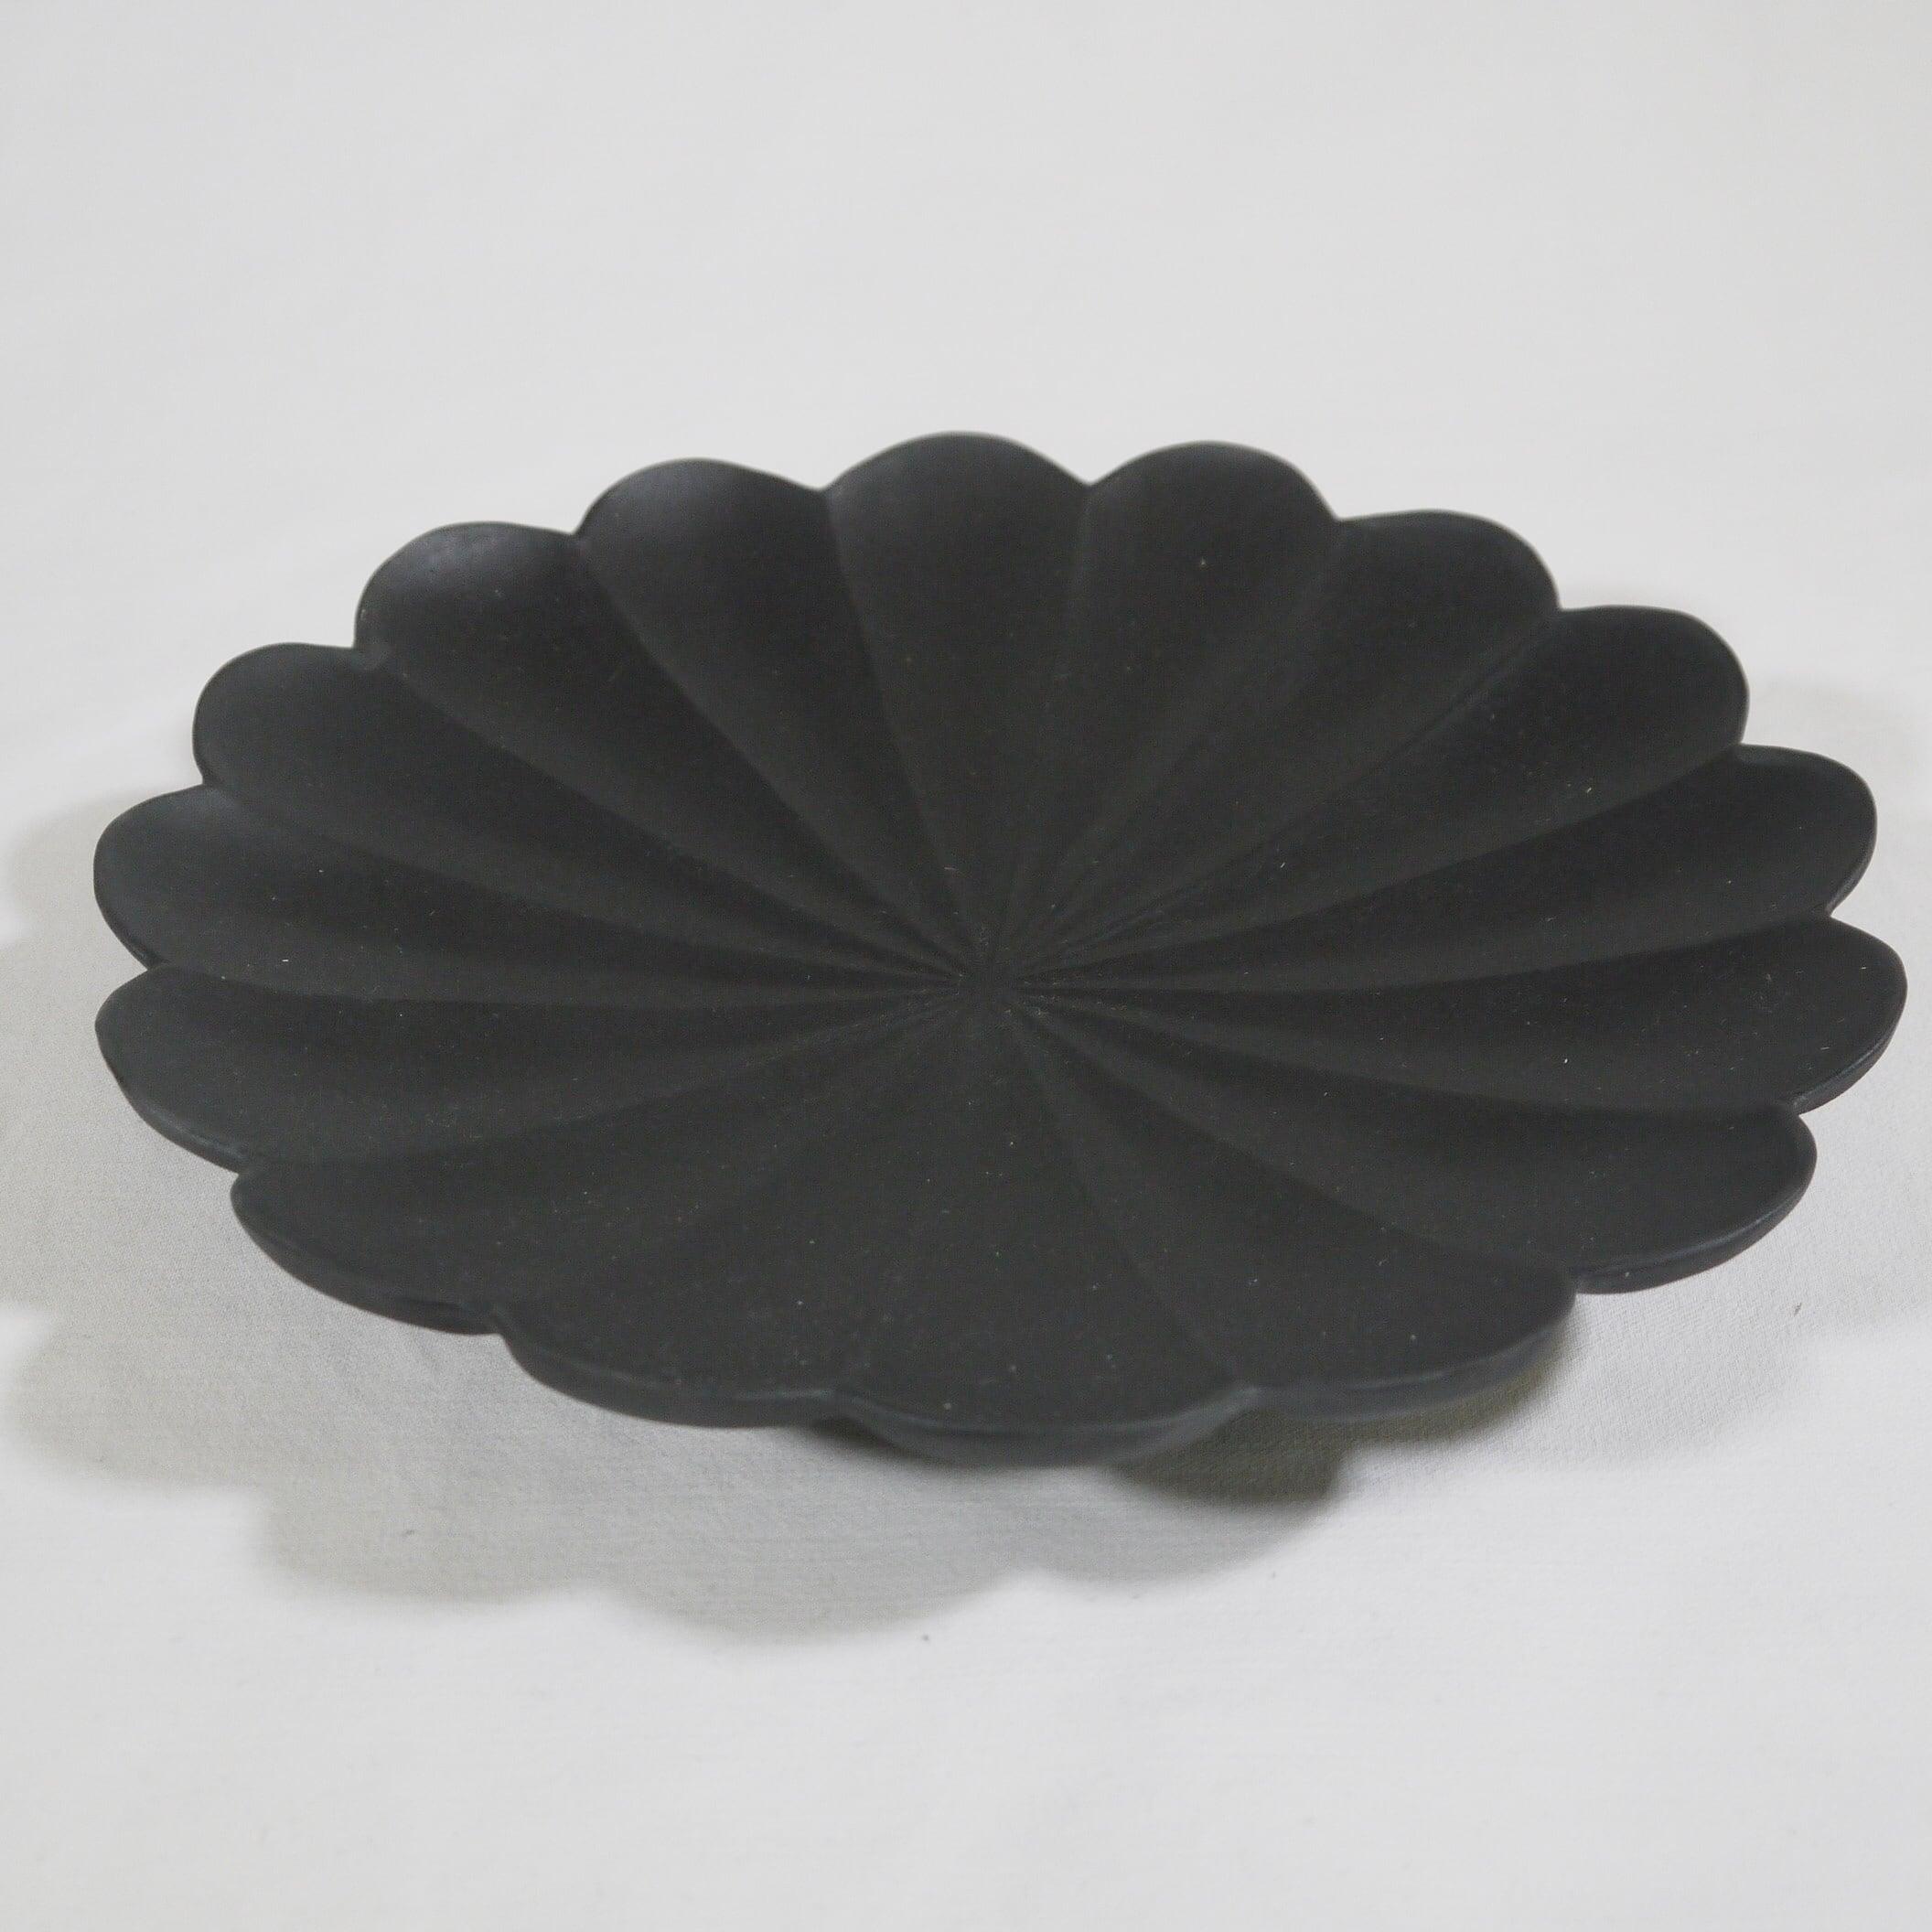 黒釉 輪花十六弁大鉢